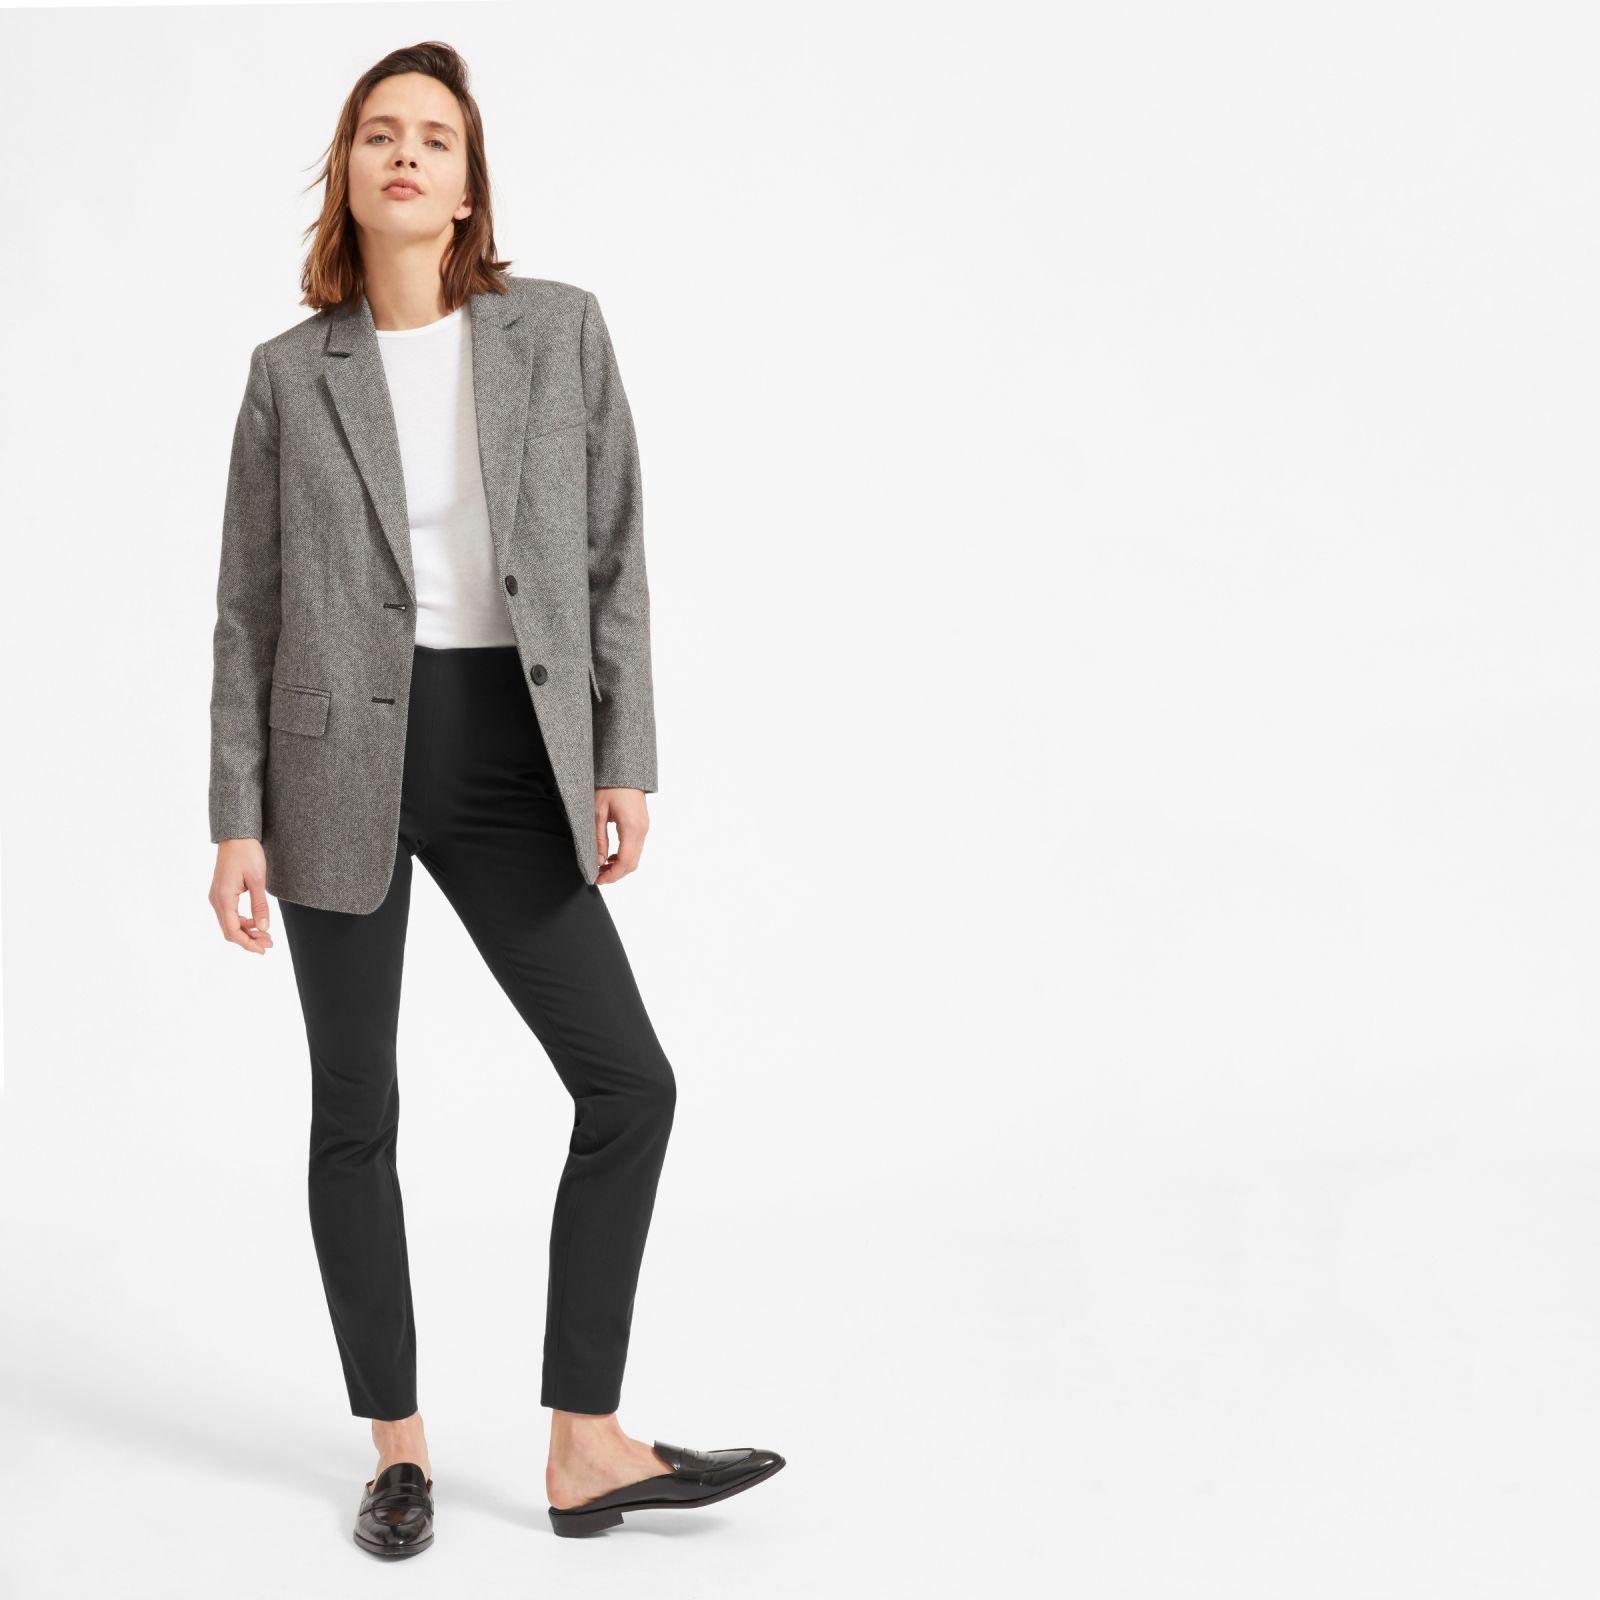 Women's Side-Zip Work Pant